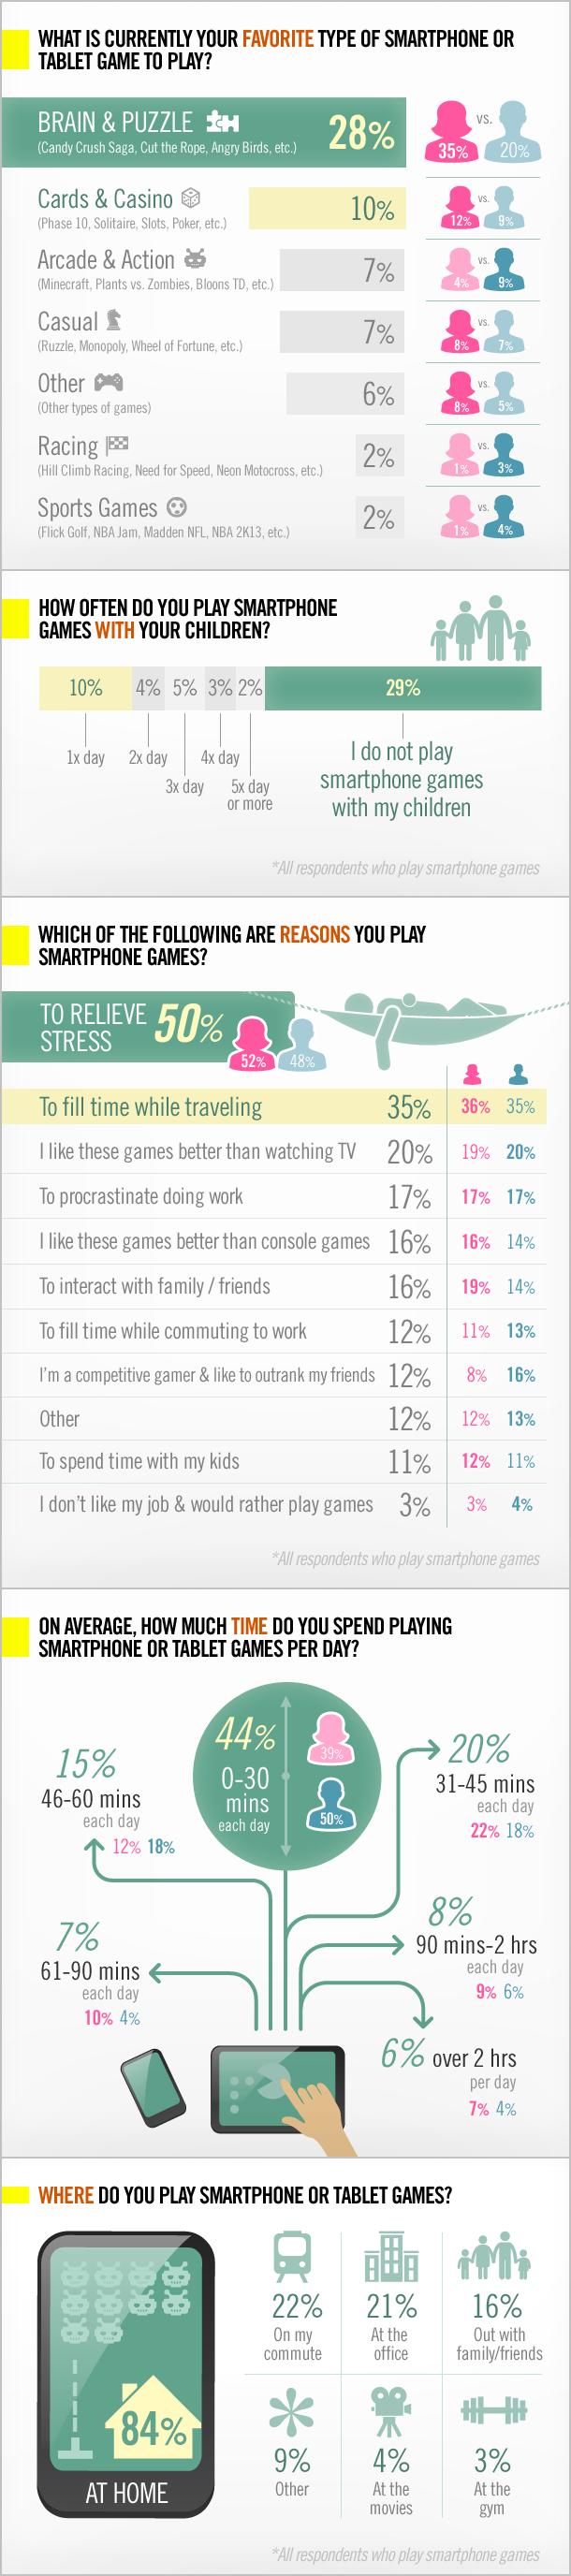 美国半数智能机用户每年手游时间超200小时